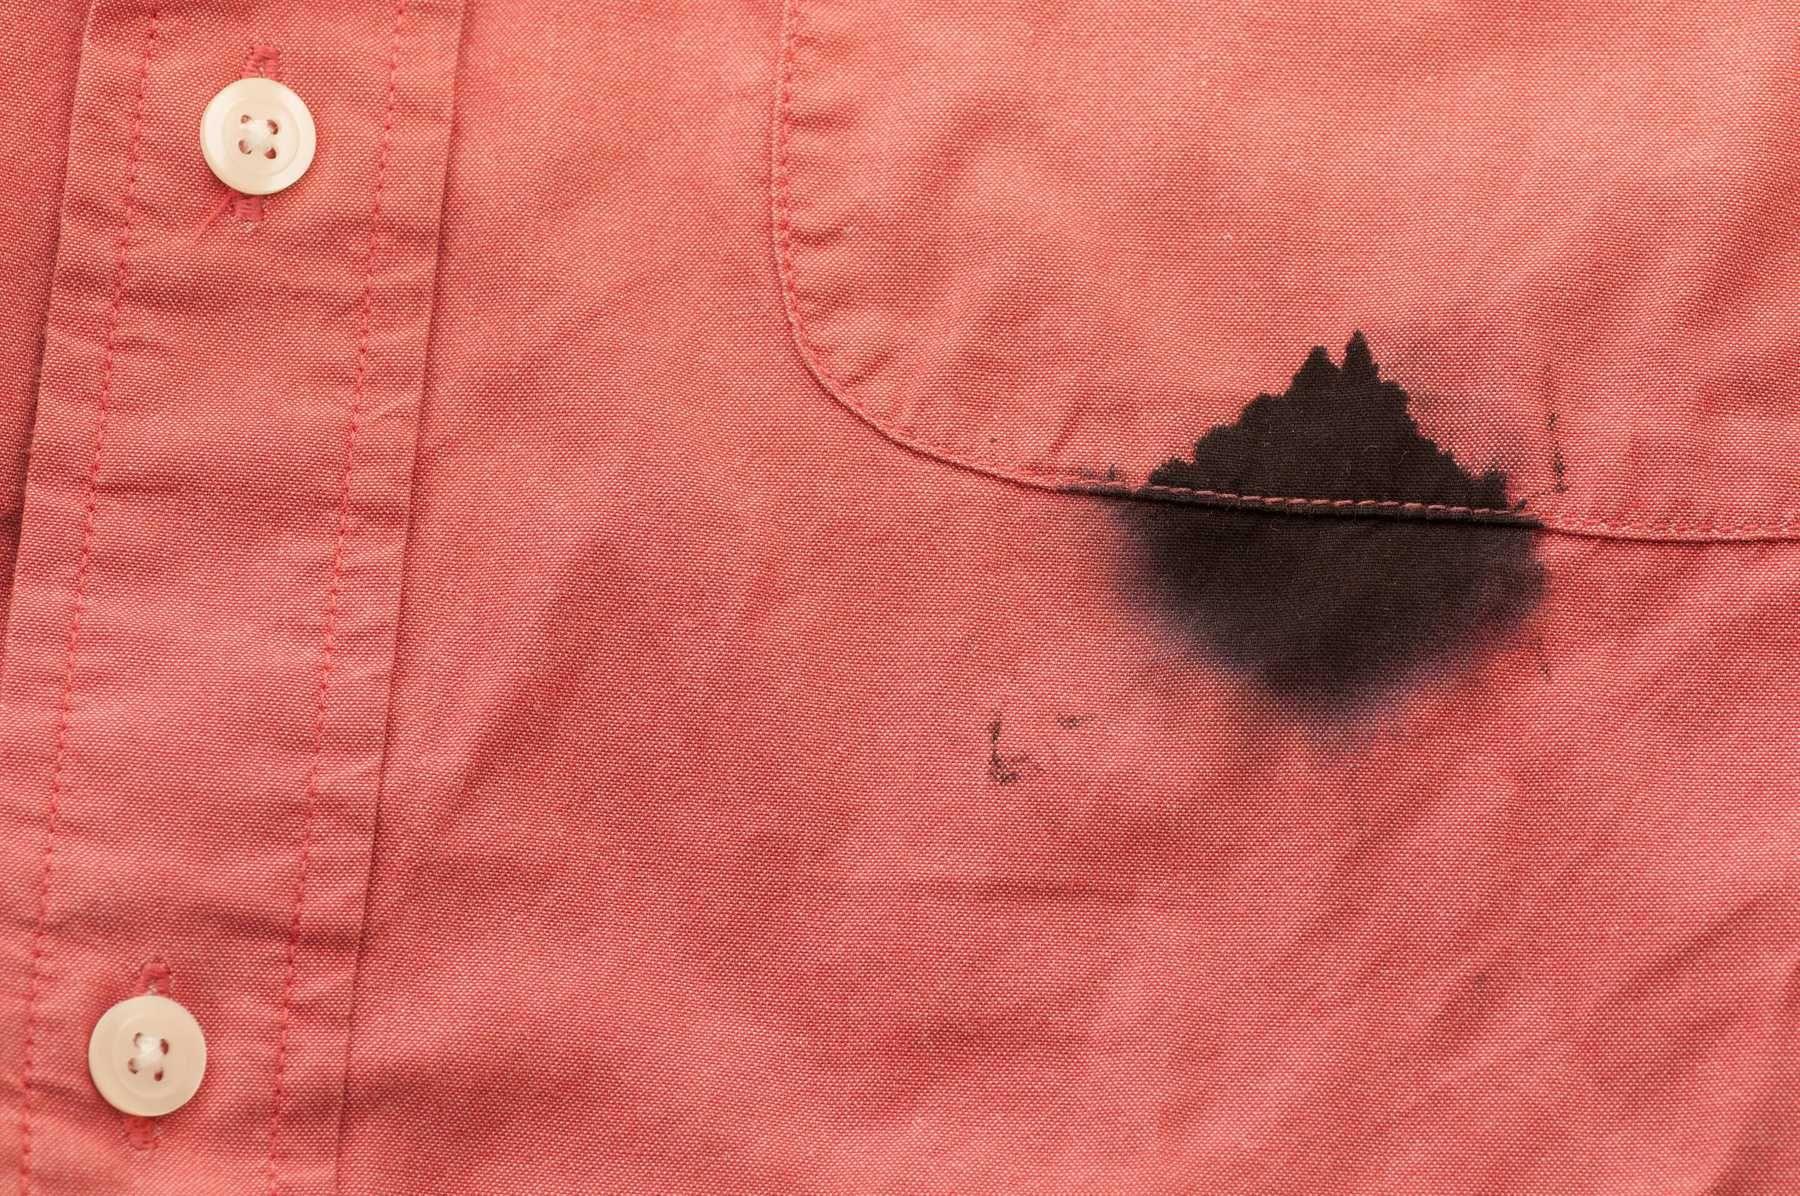 Xử lý sơ vết bẩn trước khi giặt